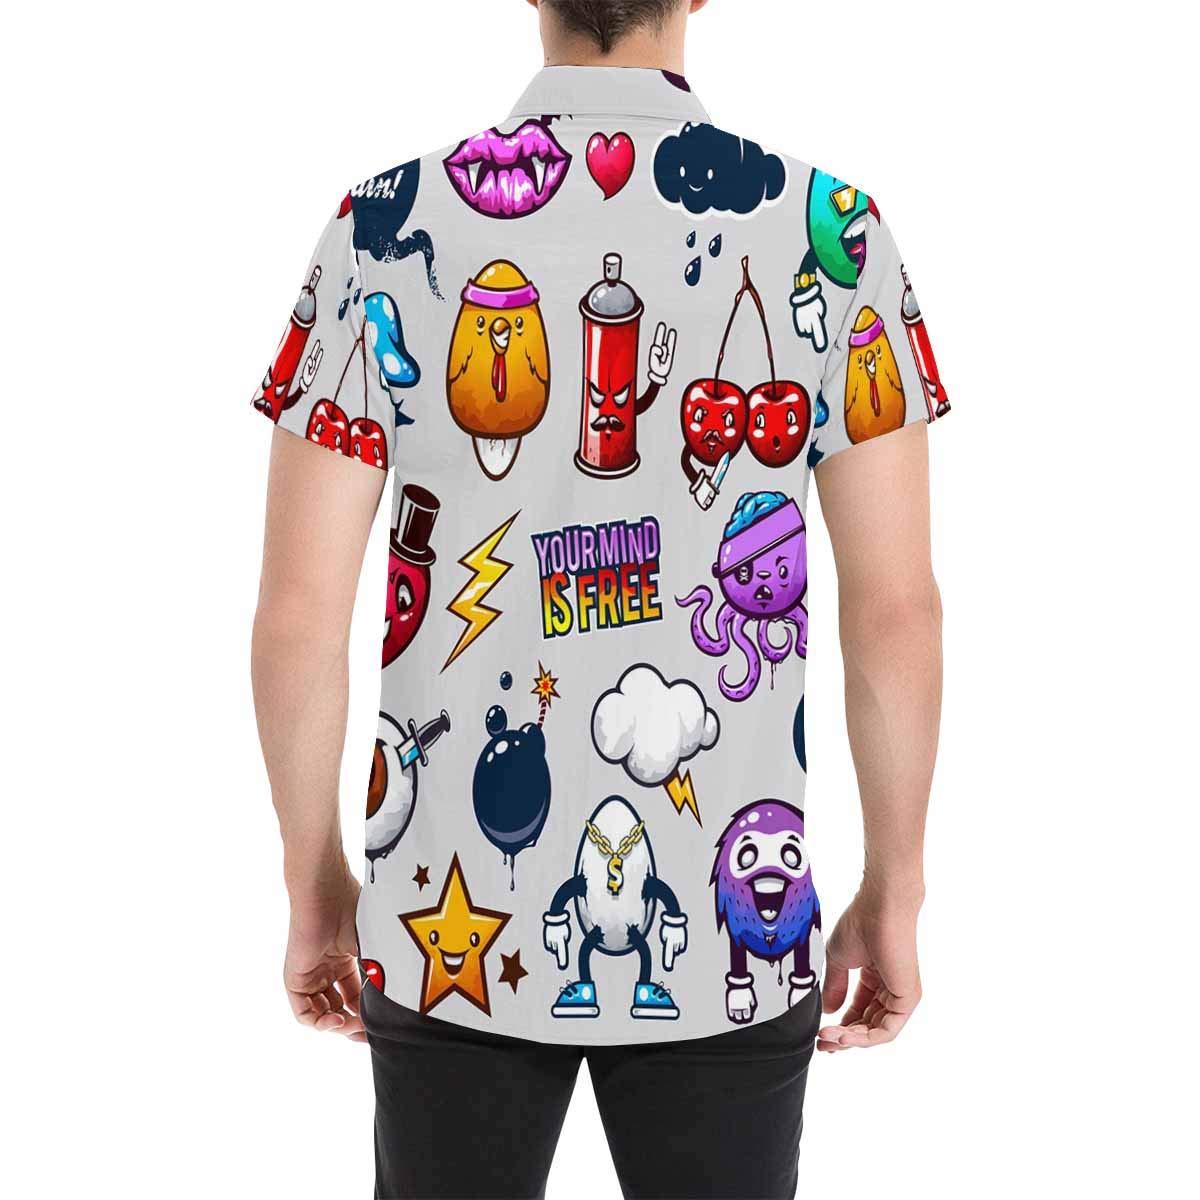 InterestPrint Cartoon Berry Heart Mushroon Shirt for Printed Short Sleeve Button Down Beach Shirt for Men